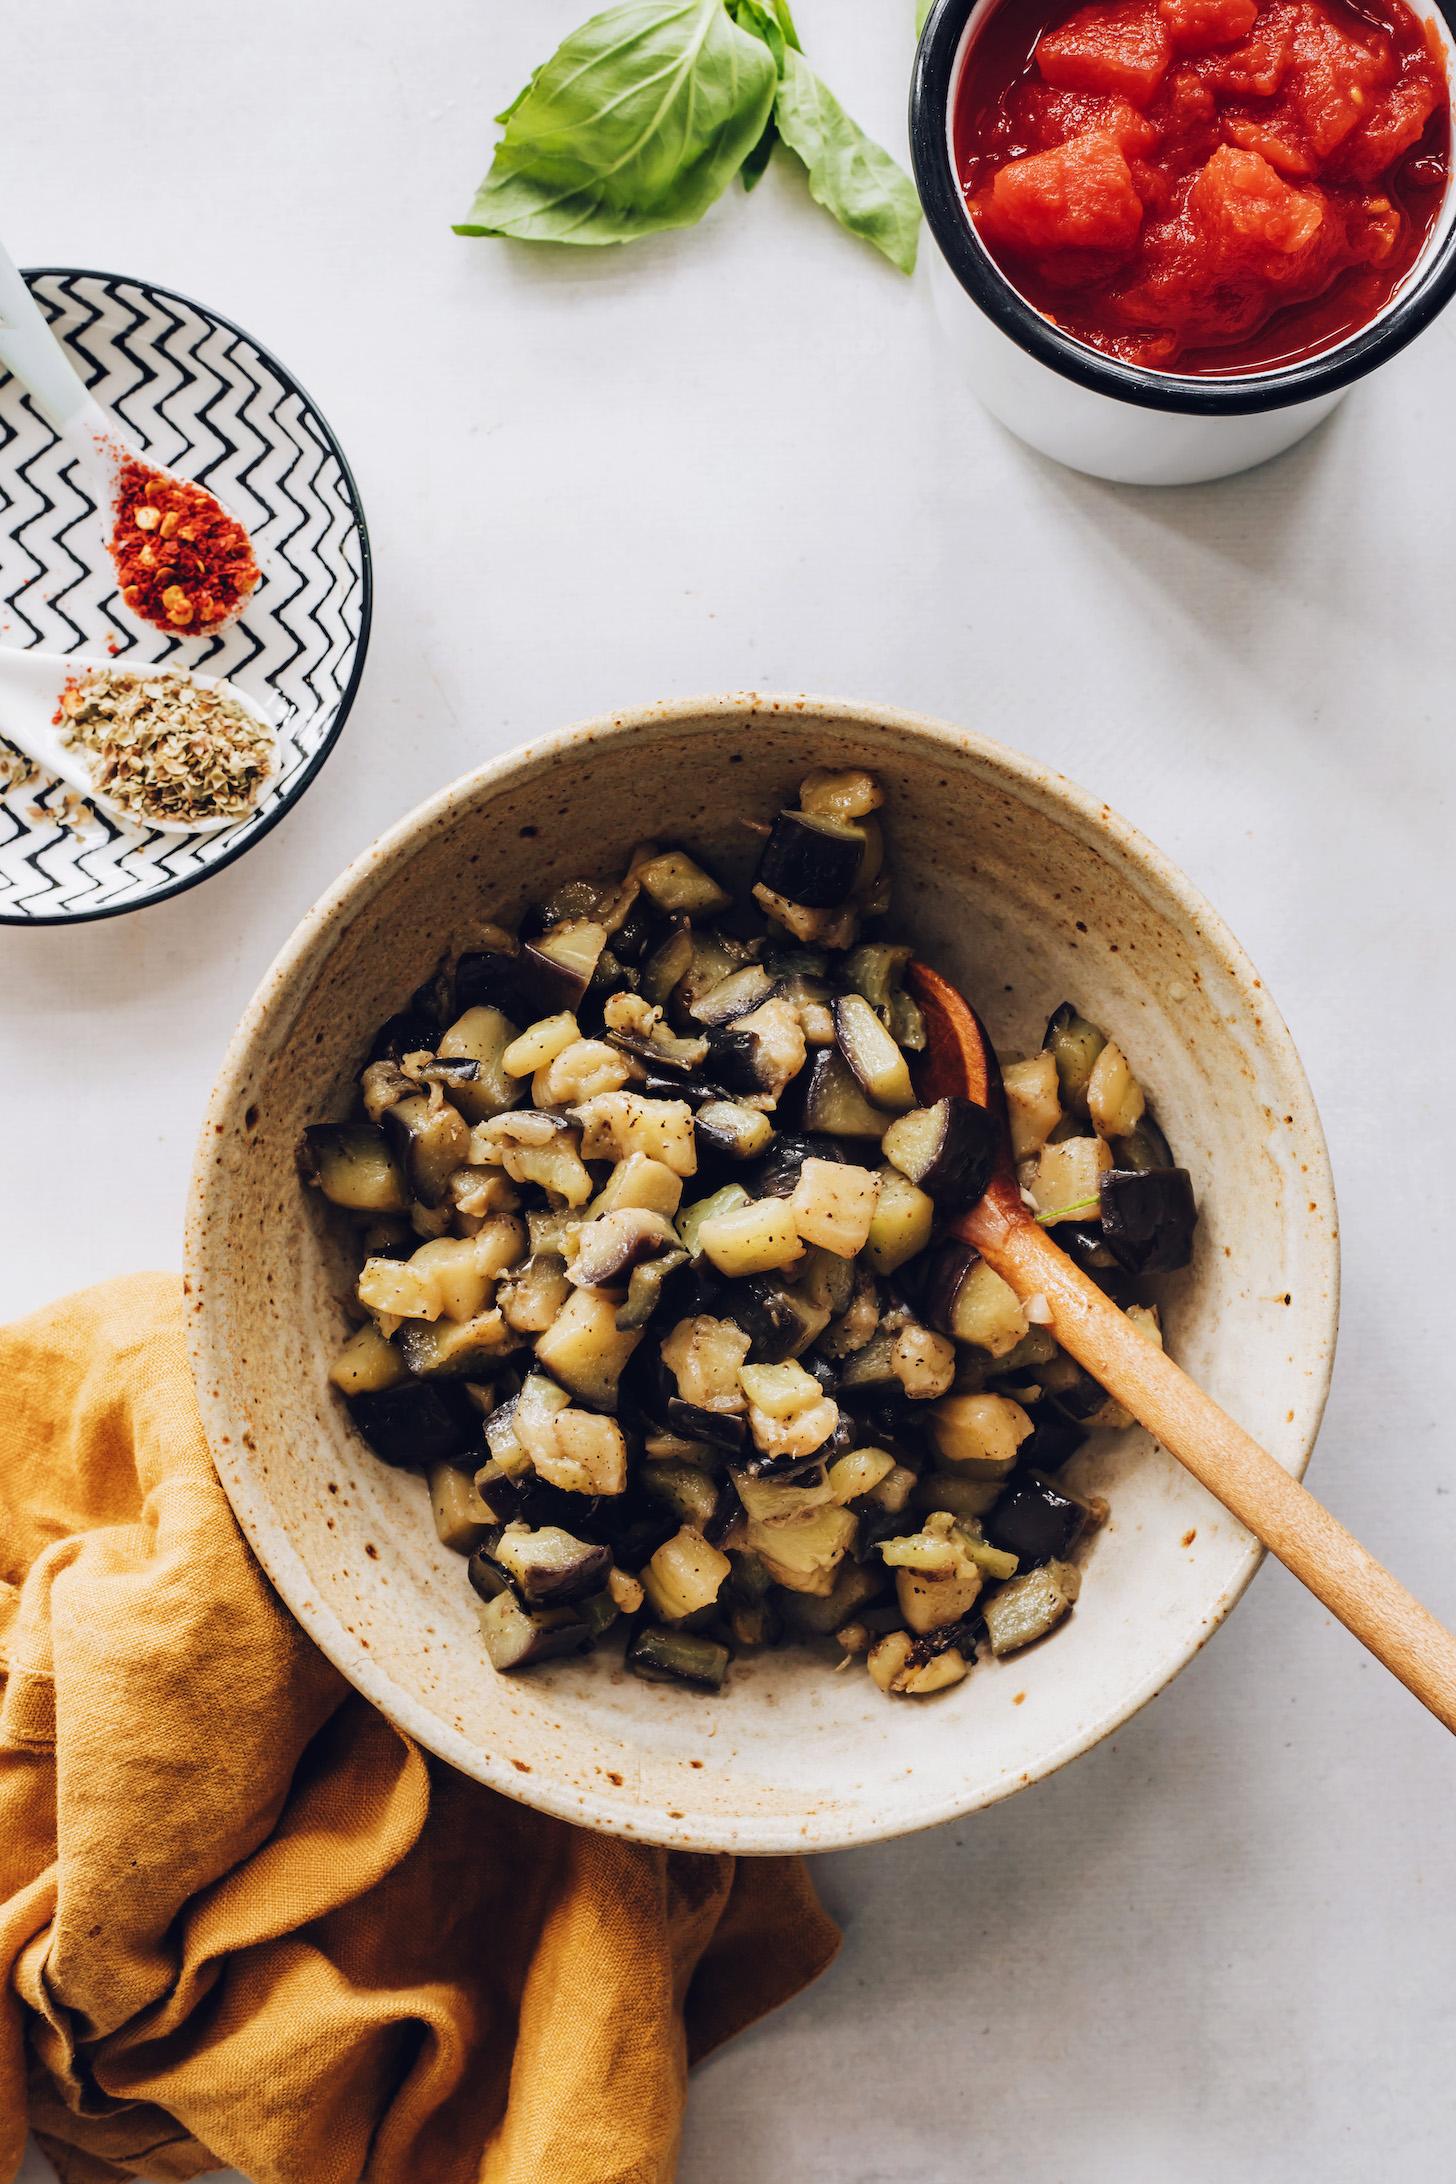 Zeytinyağında sotelenmiş bir kase közlenmiş patlıcan